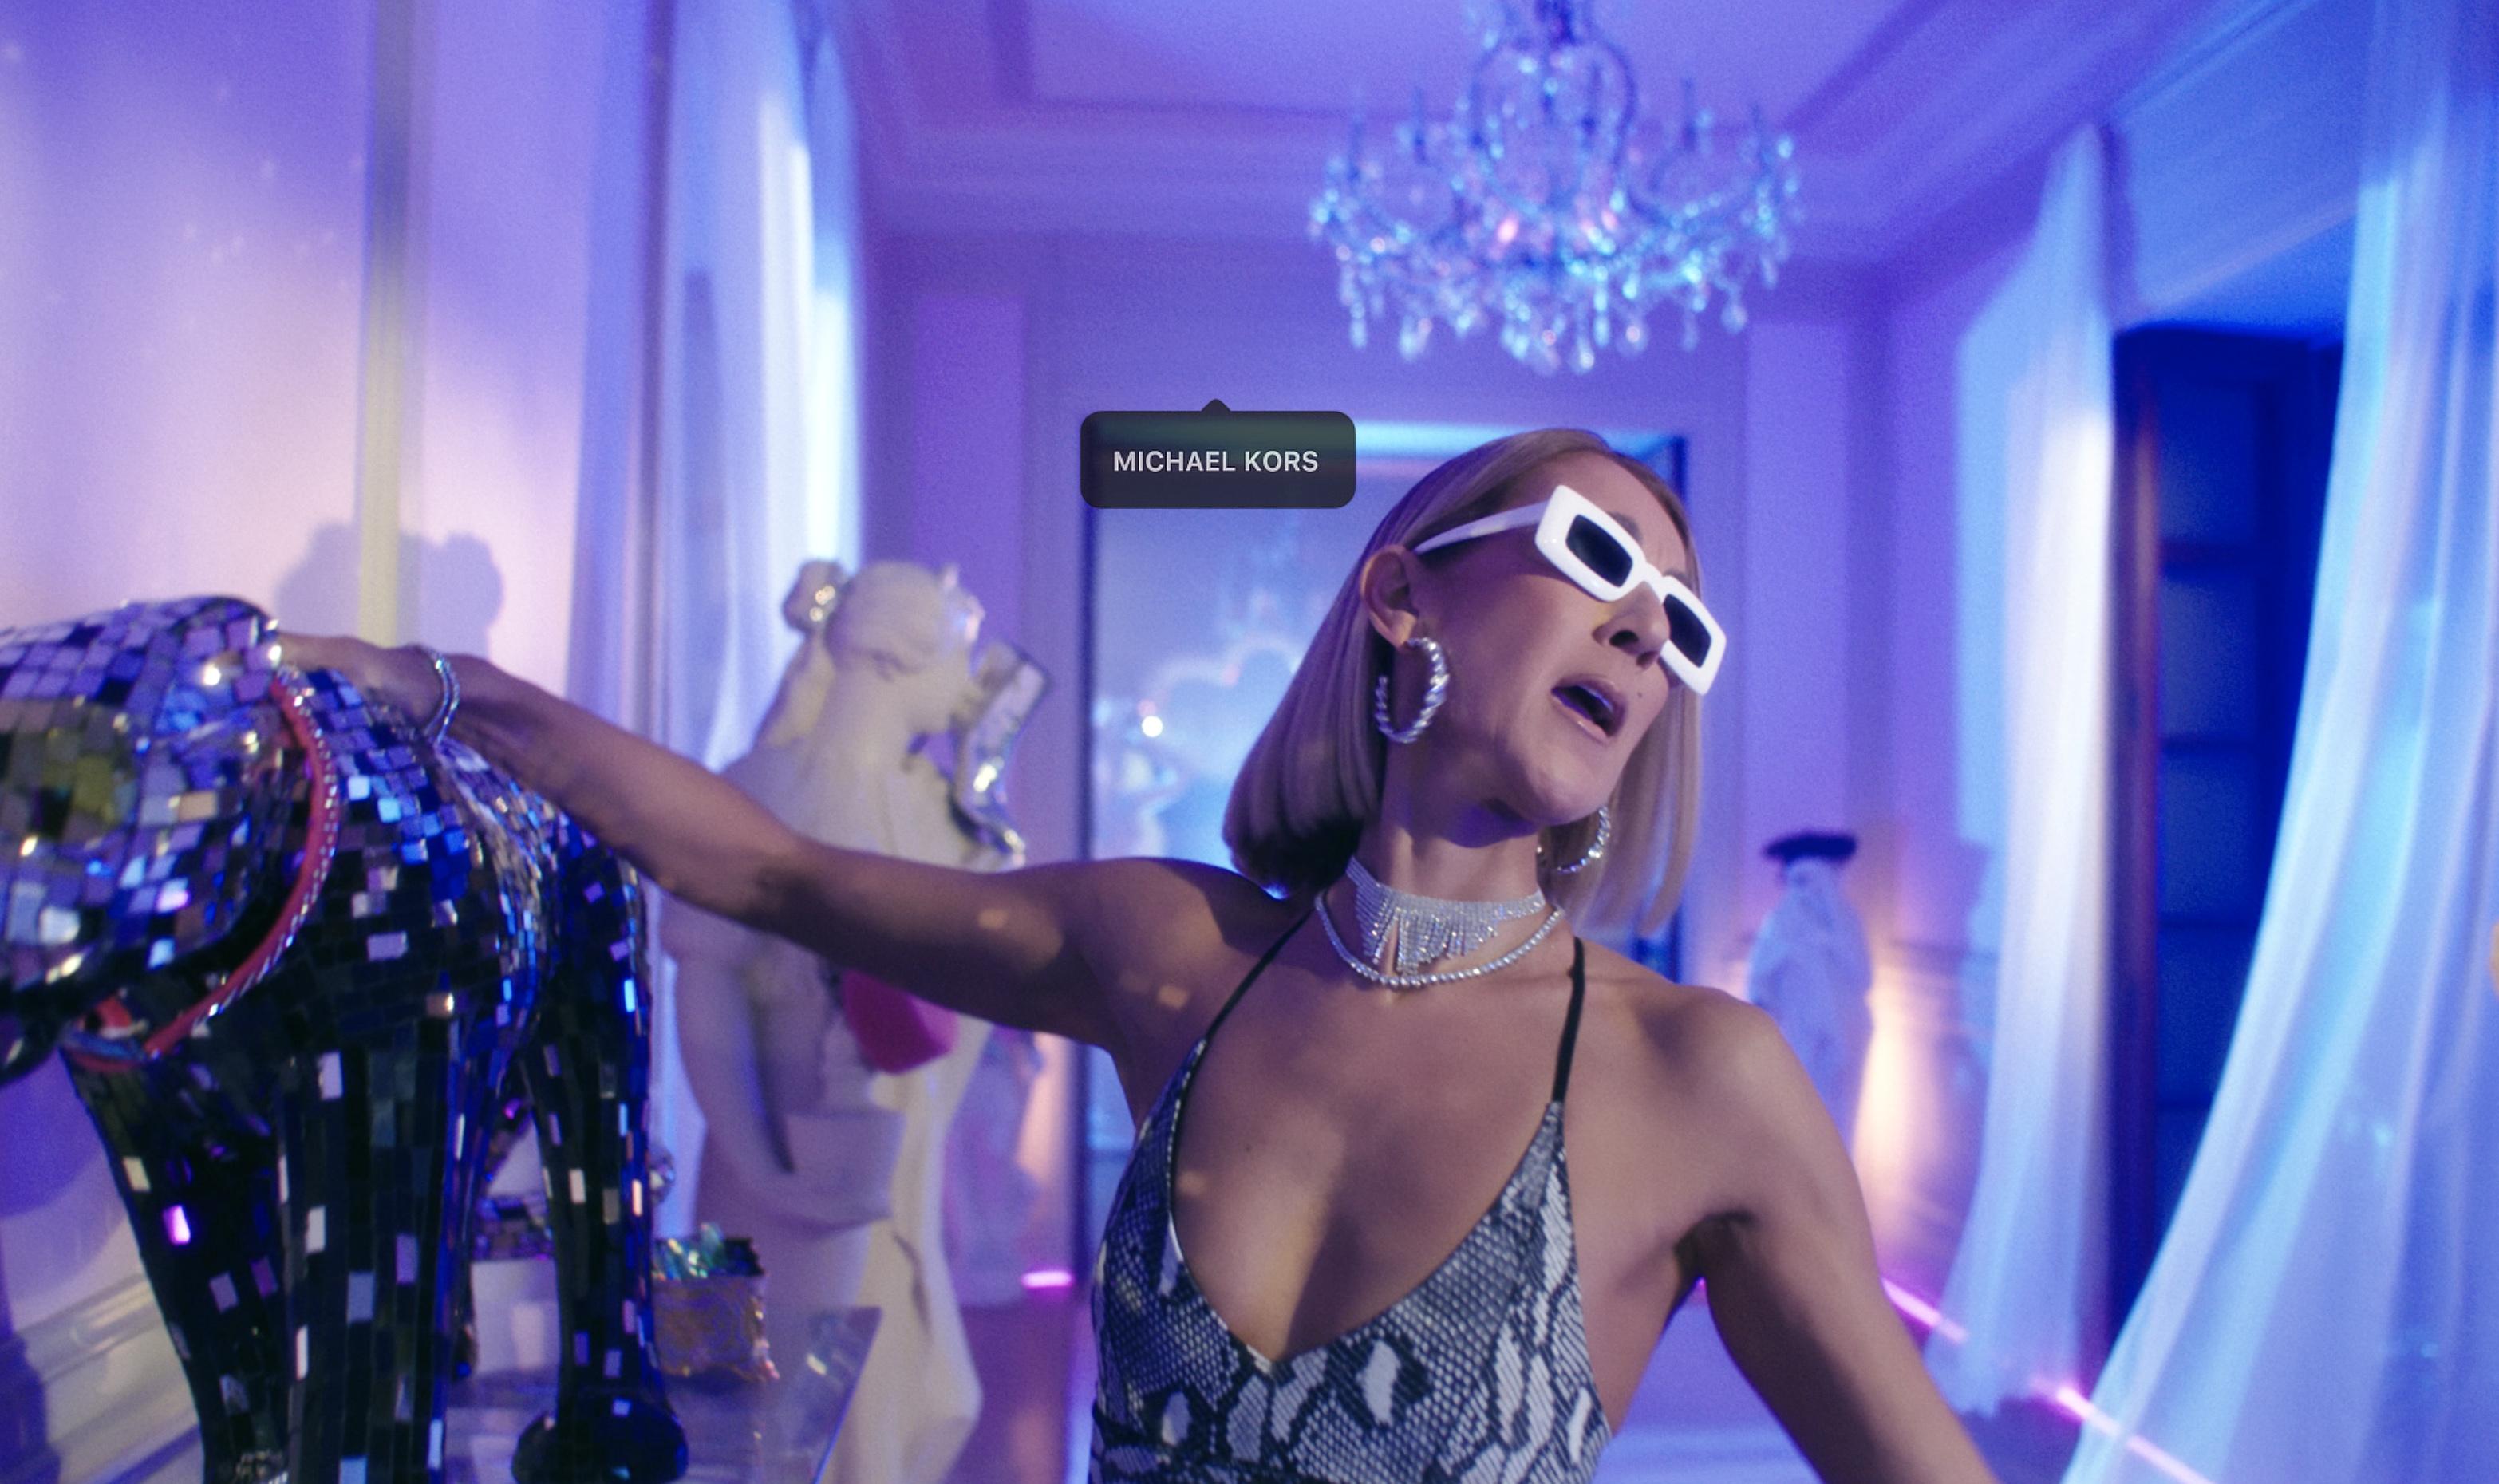 Celine Dion Instagram Shopping